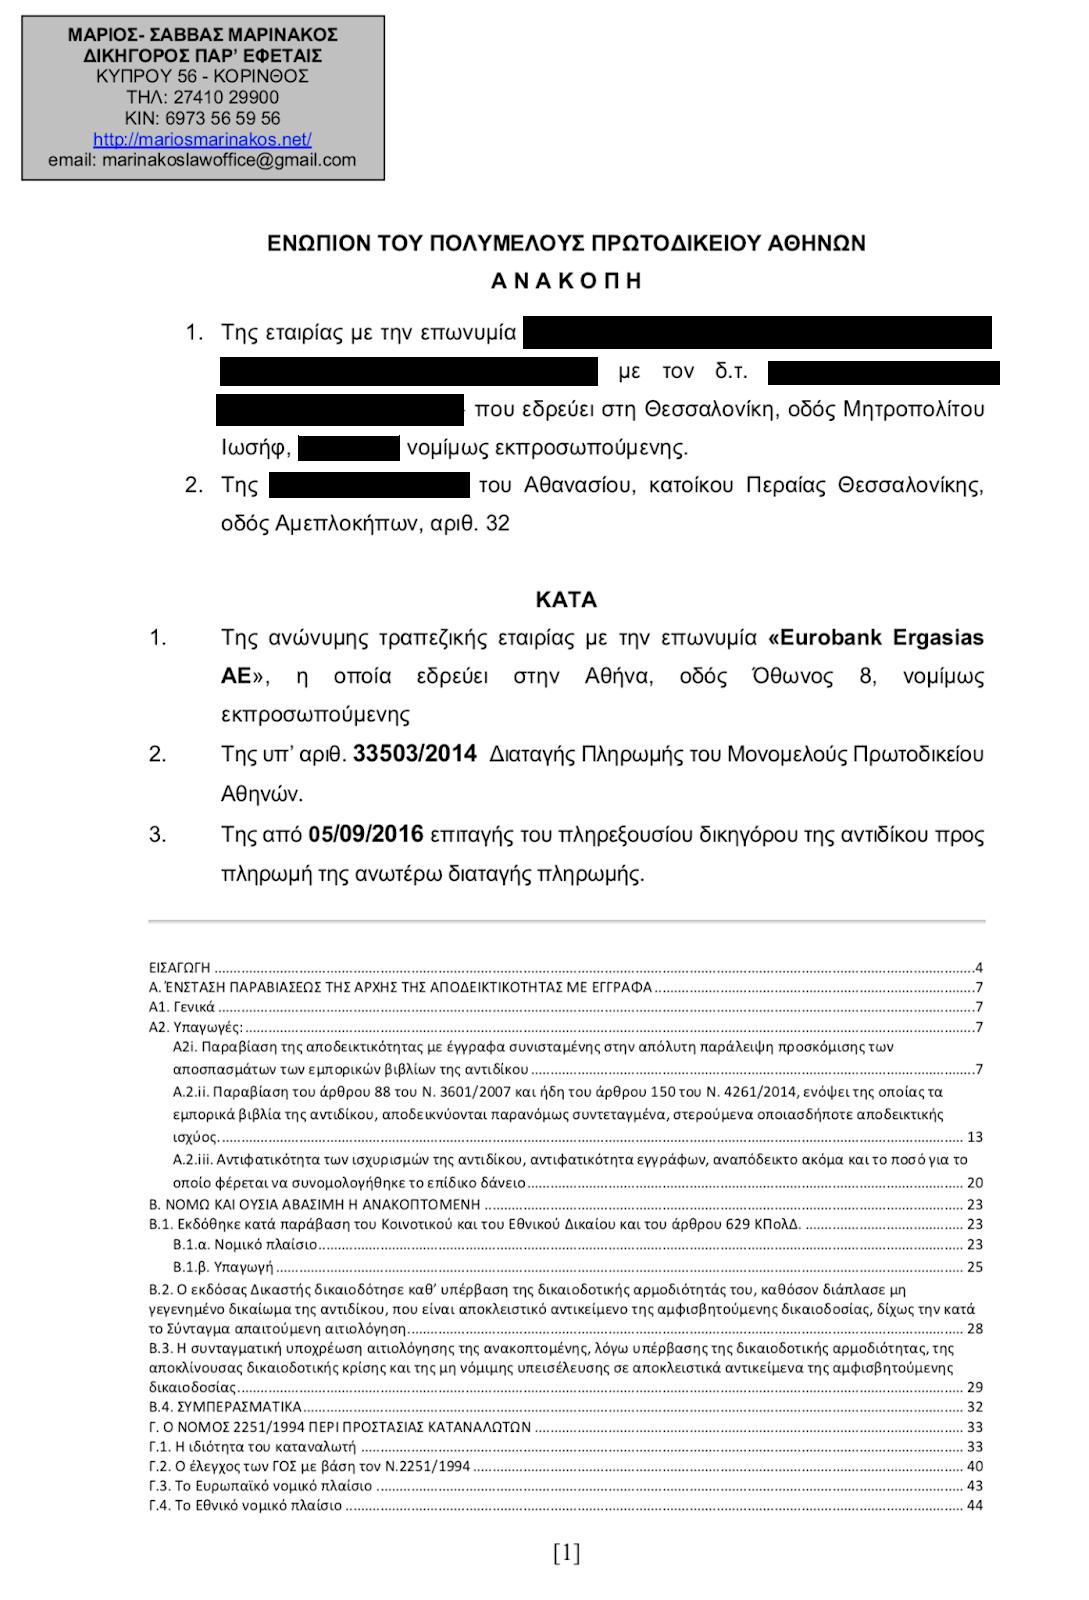 Η 1η σελίδα της ανακοπής με τα περιεχόμενα του δικογράφου 4d1cd2f348a